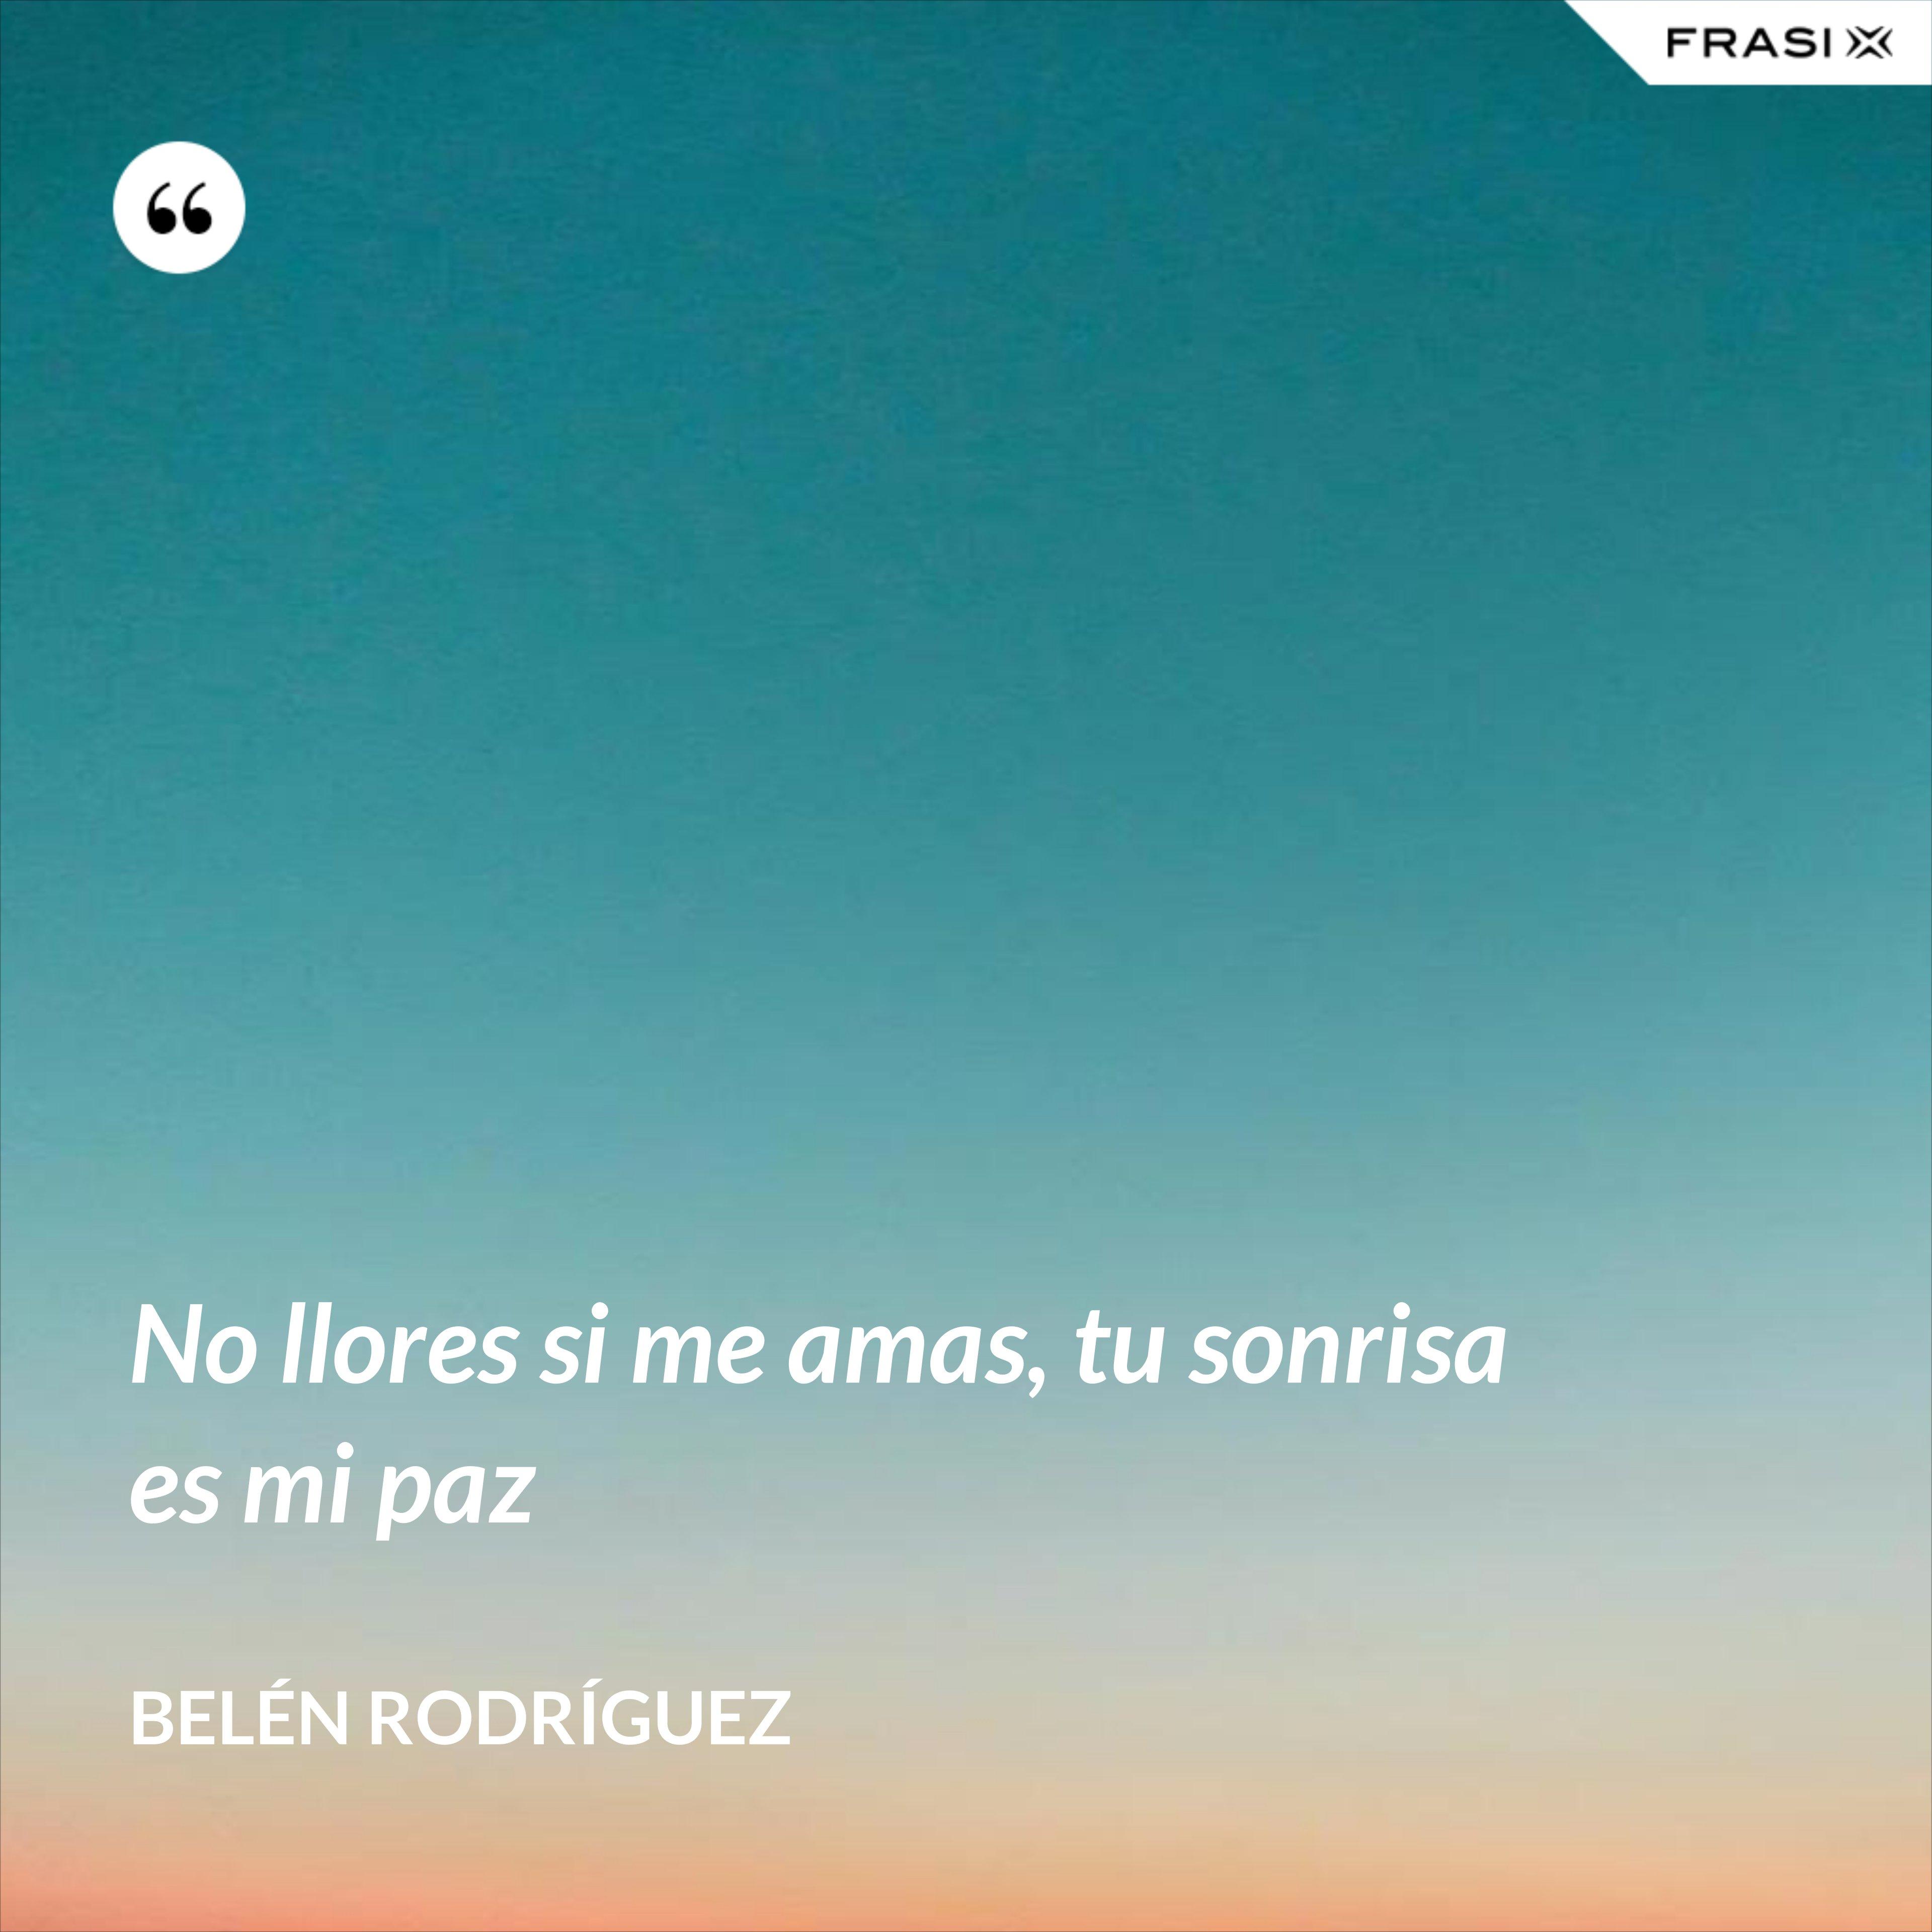 No llores si me amas, tu sonrisa es mi paz - Belén Rodríguez